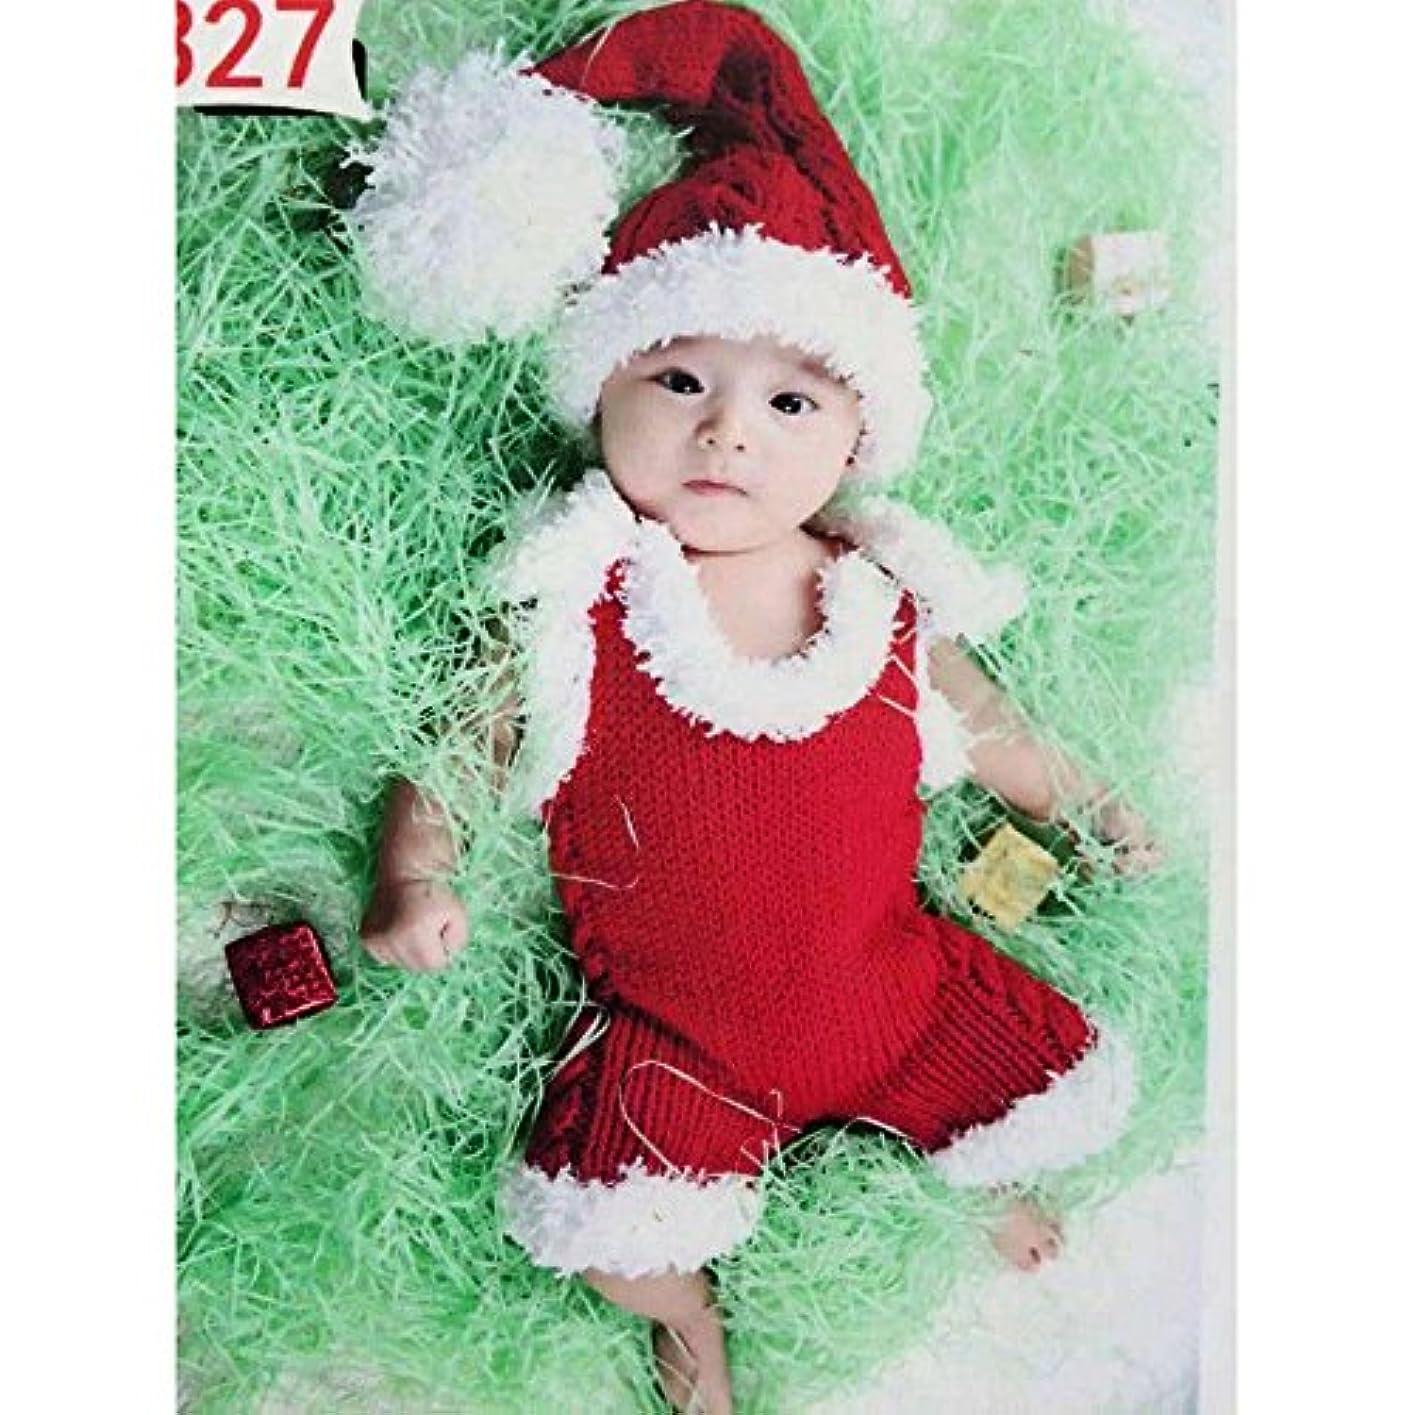 テンポ残忍なシャベル可愛いベビーサンタコスチューム 寝相アート マーメイド 衣装 クリスマス衣装 着ぐるみ手編み感 ベビー服 子供用 男の子 女の子 帽子付き (3~6ヶ月)